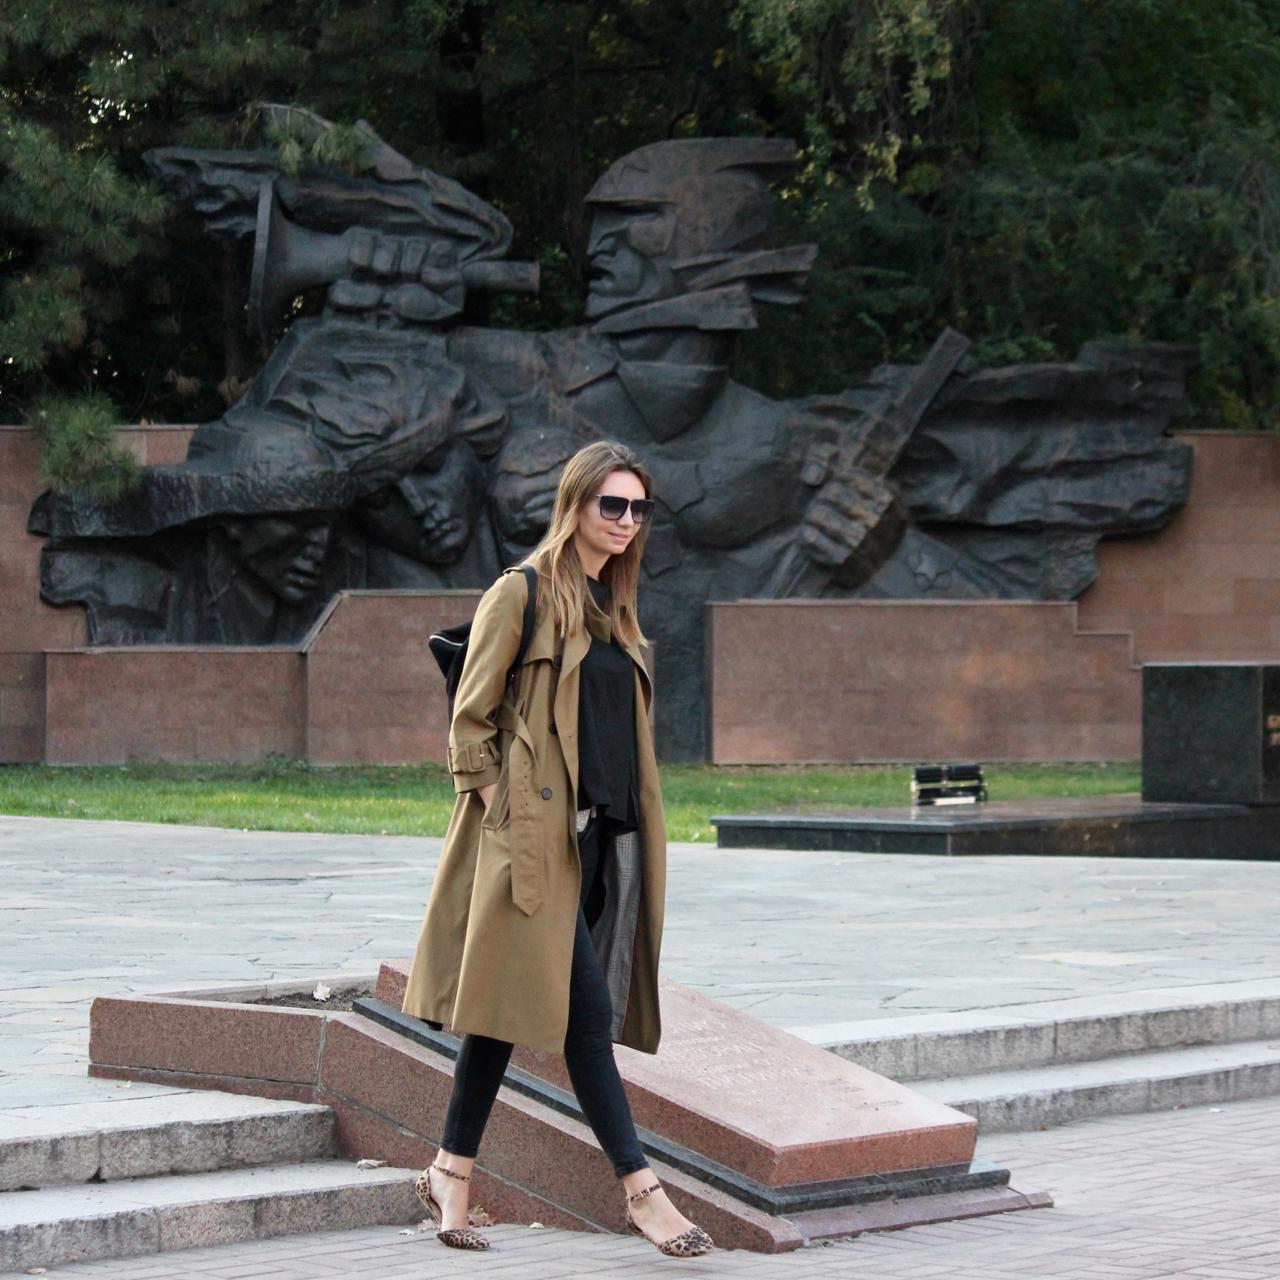 Almaty, Kazakhstan - 11